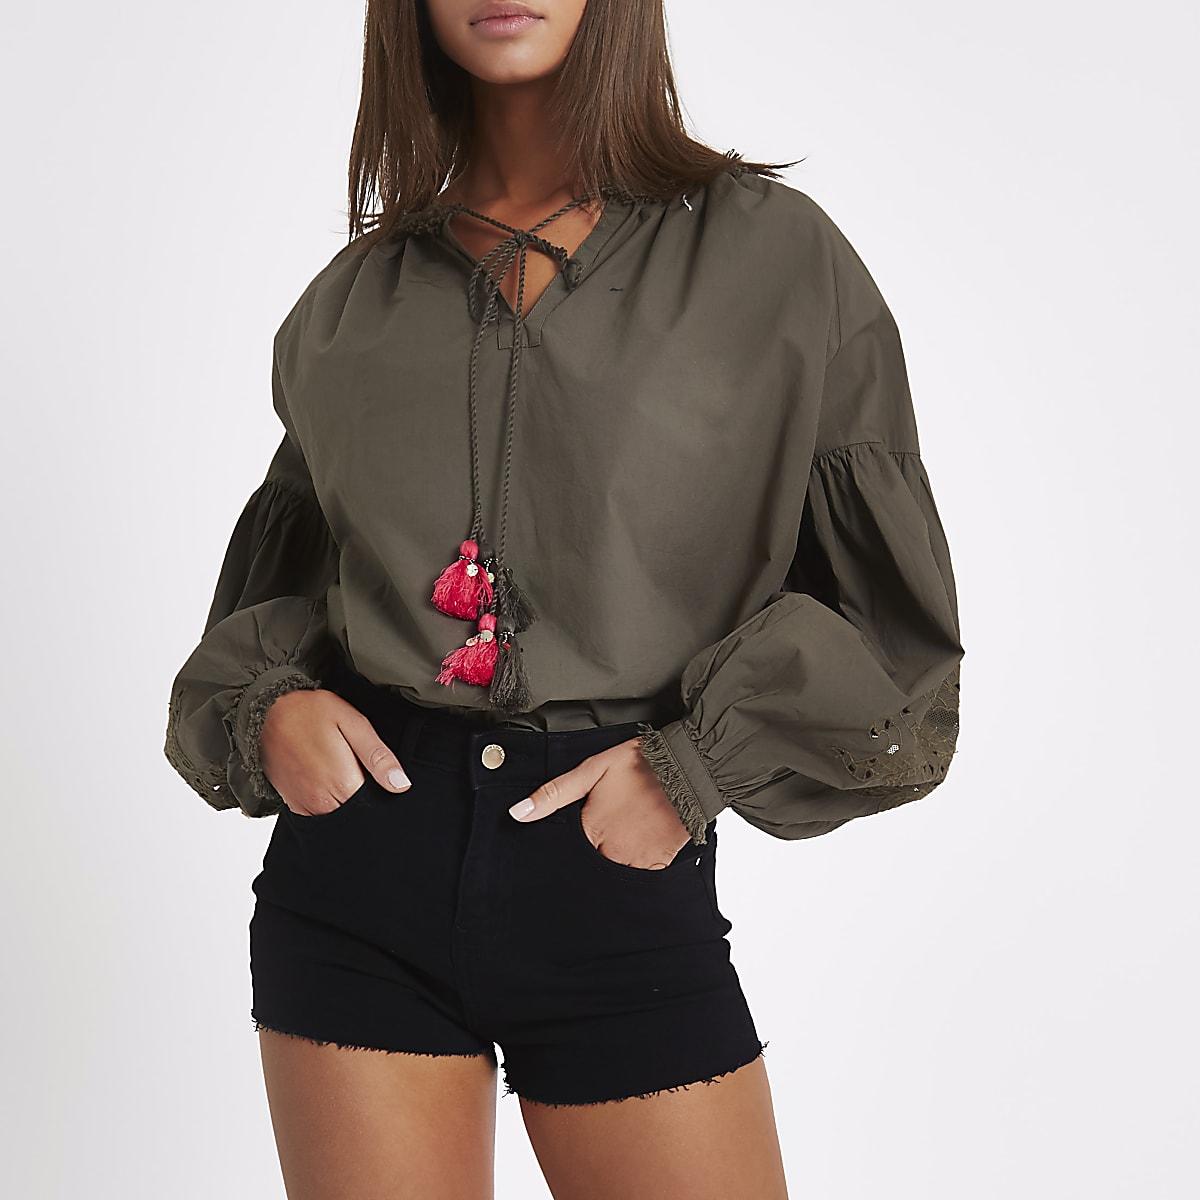 Korte Broek Dames Hoge Taille.Zwarte Stretch Hotpants Met Hoge Taille Denim Shorts Shorts Dames